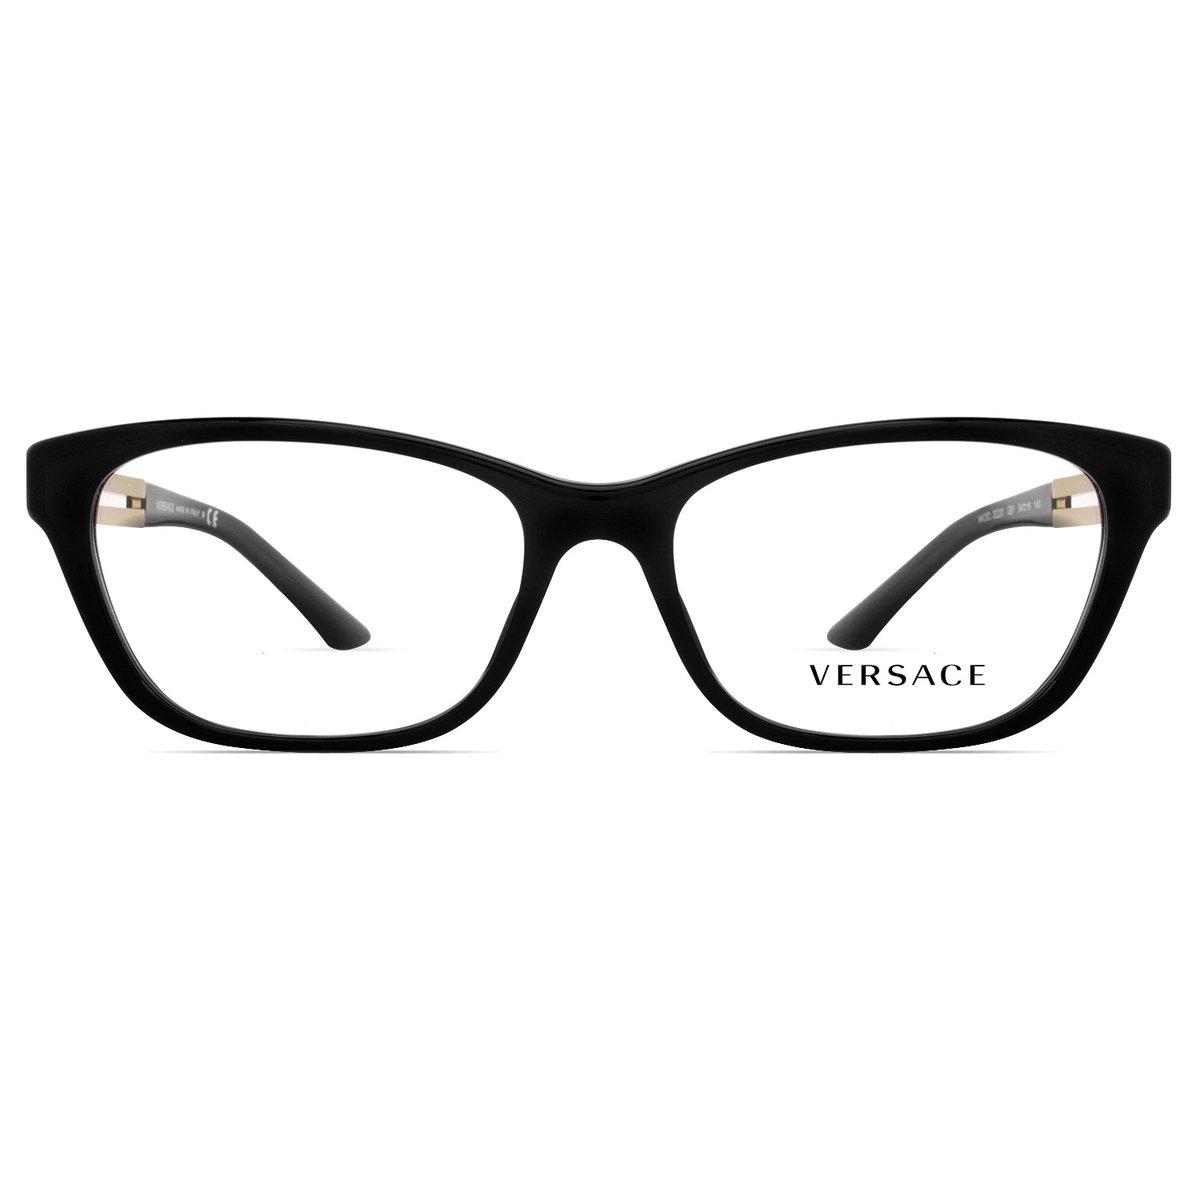 Armação Óculos de Grau Versace VE3220 GB1-54 - Compre Agora   Zattini 69a56b71d1